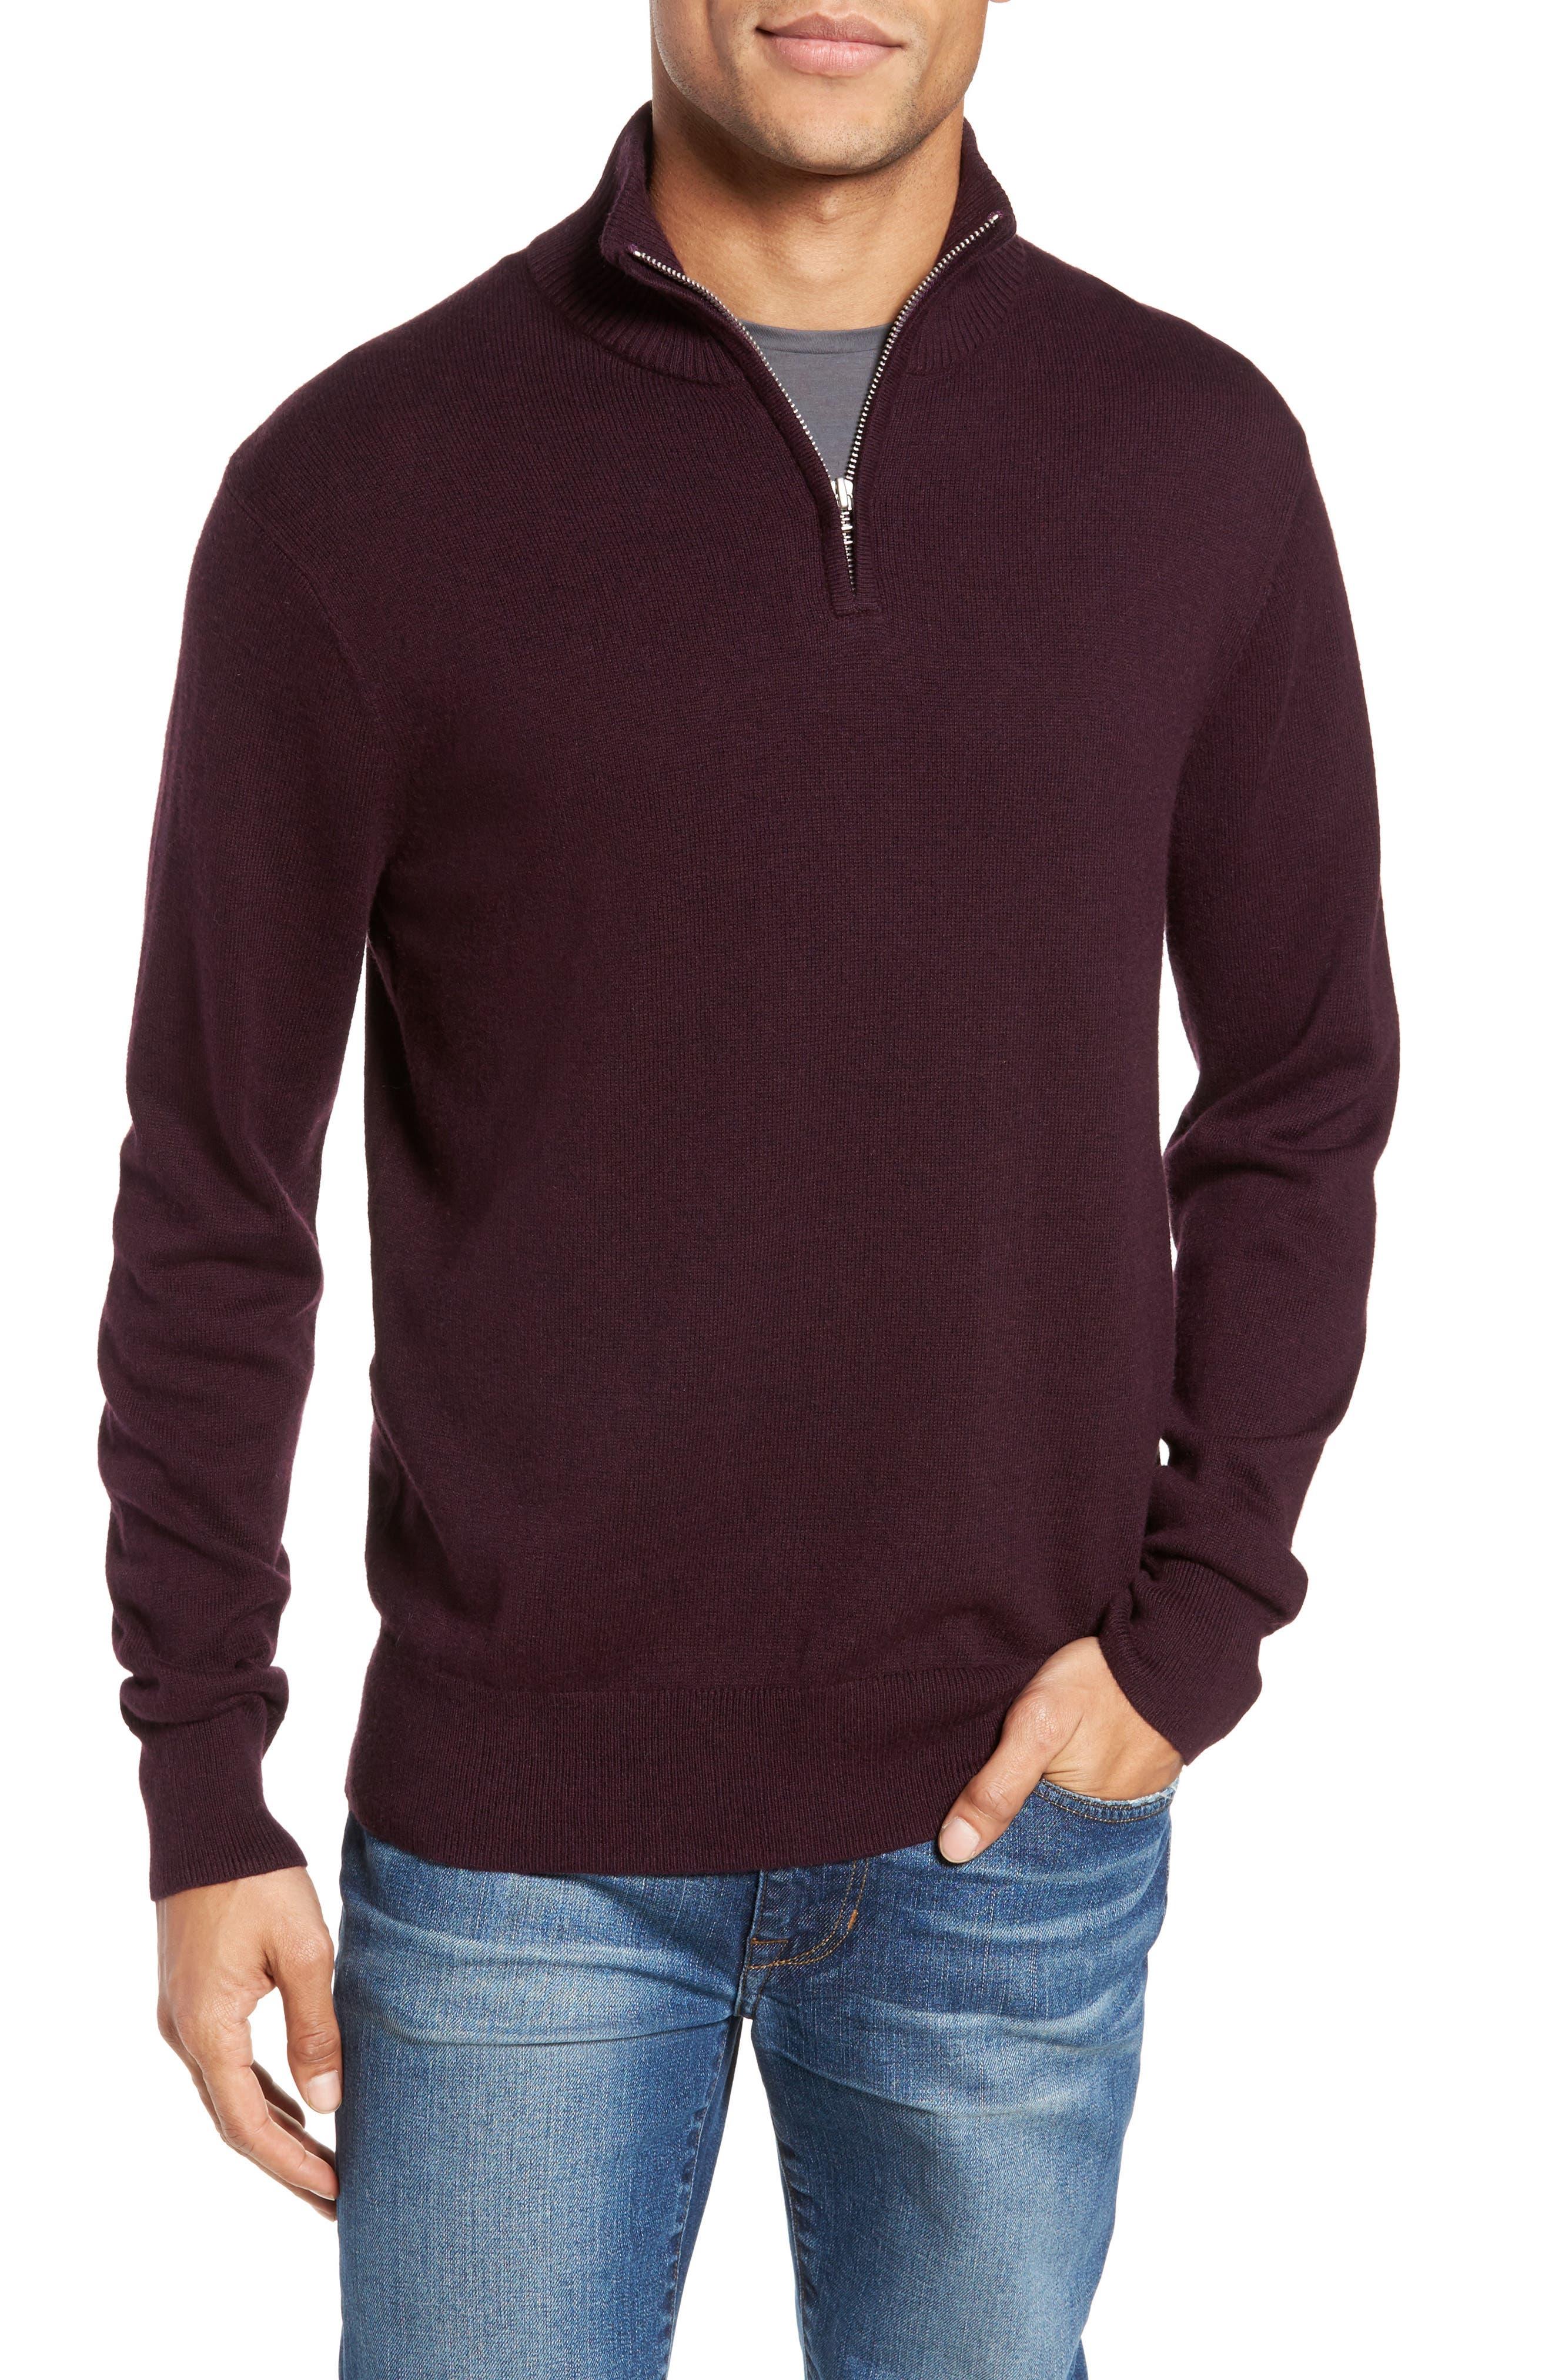 Cotton & Cashmere Quarter Zip Sweater,                         Main,                         color, 600